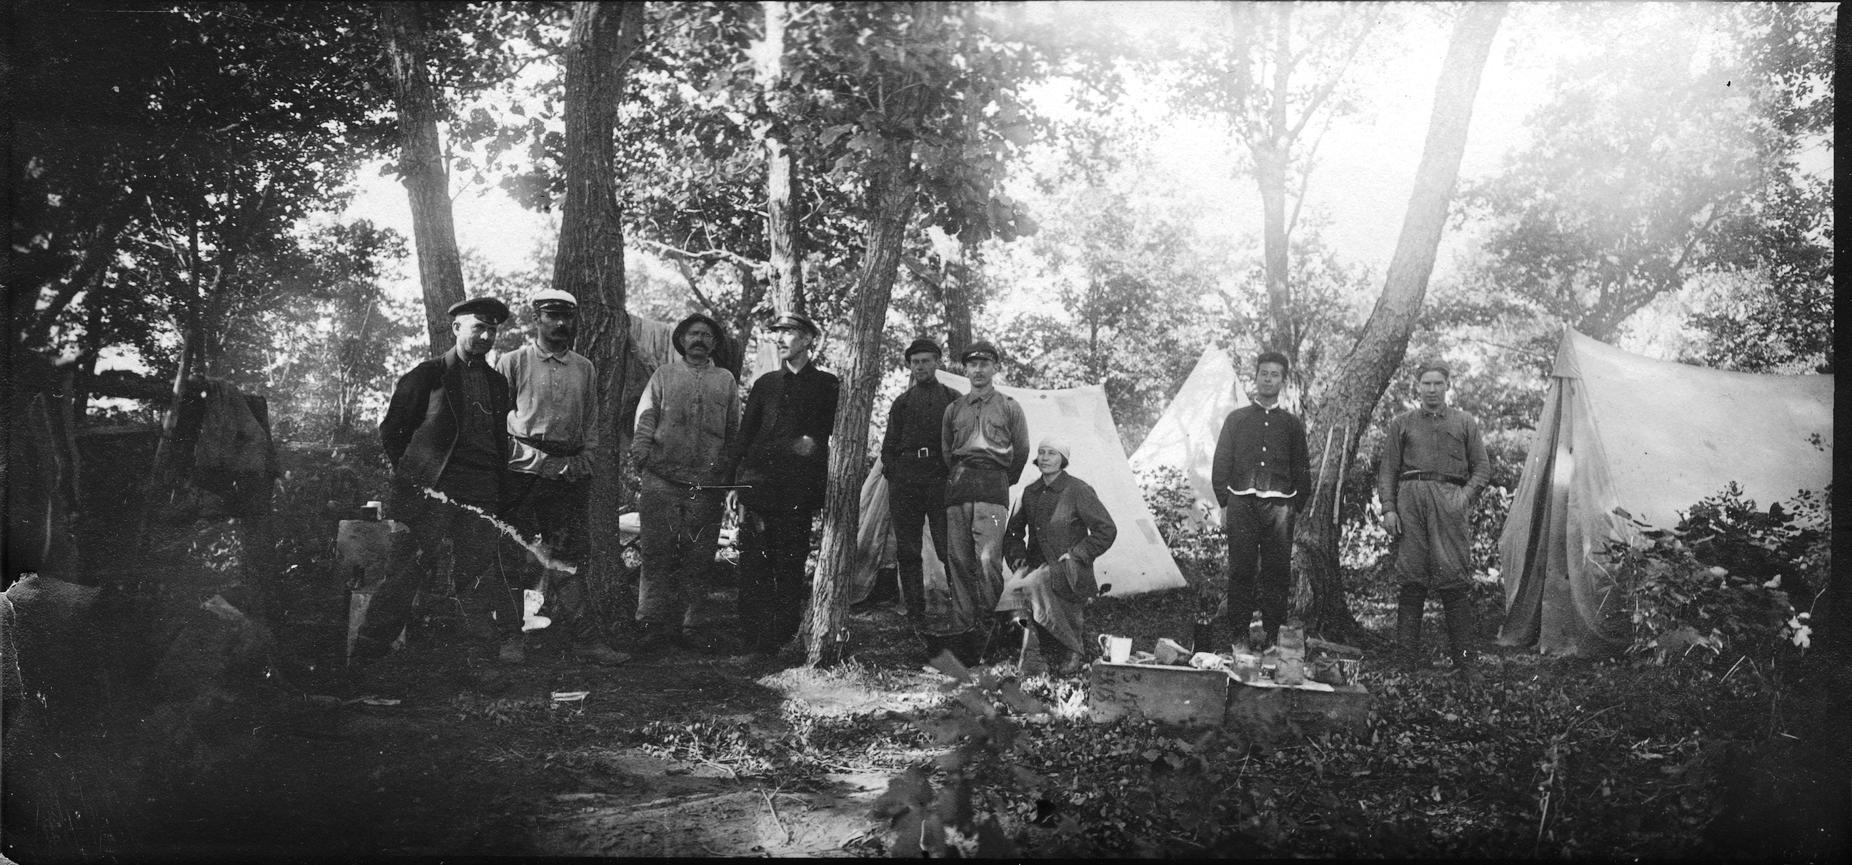 Павлов М. А. с участниками экспедиции в базовом лагере